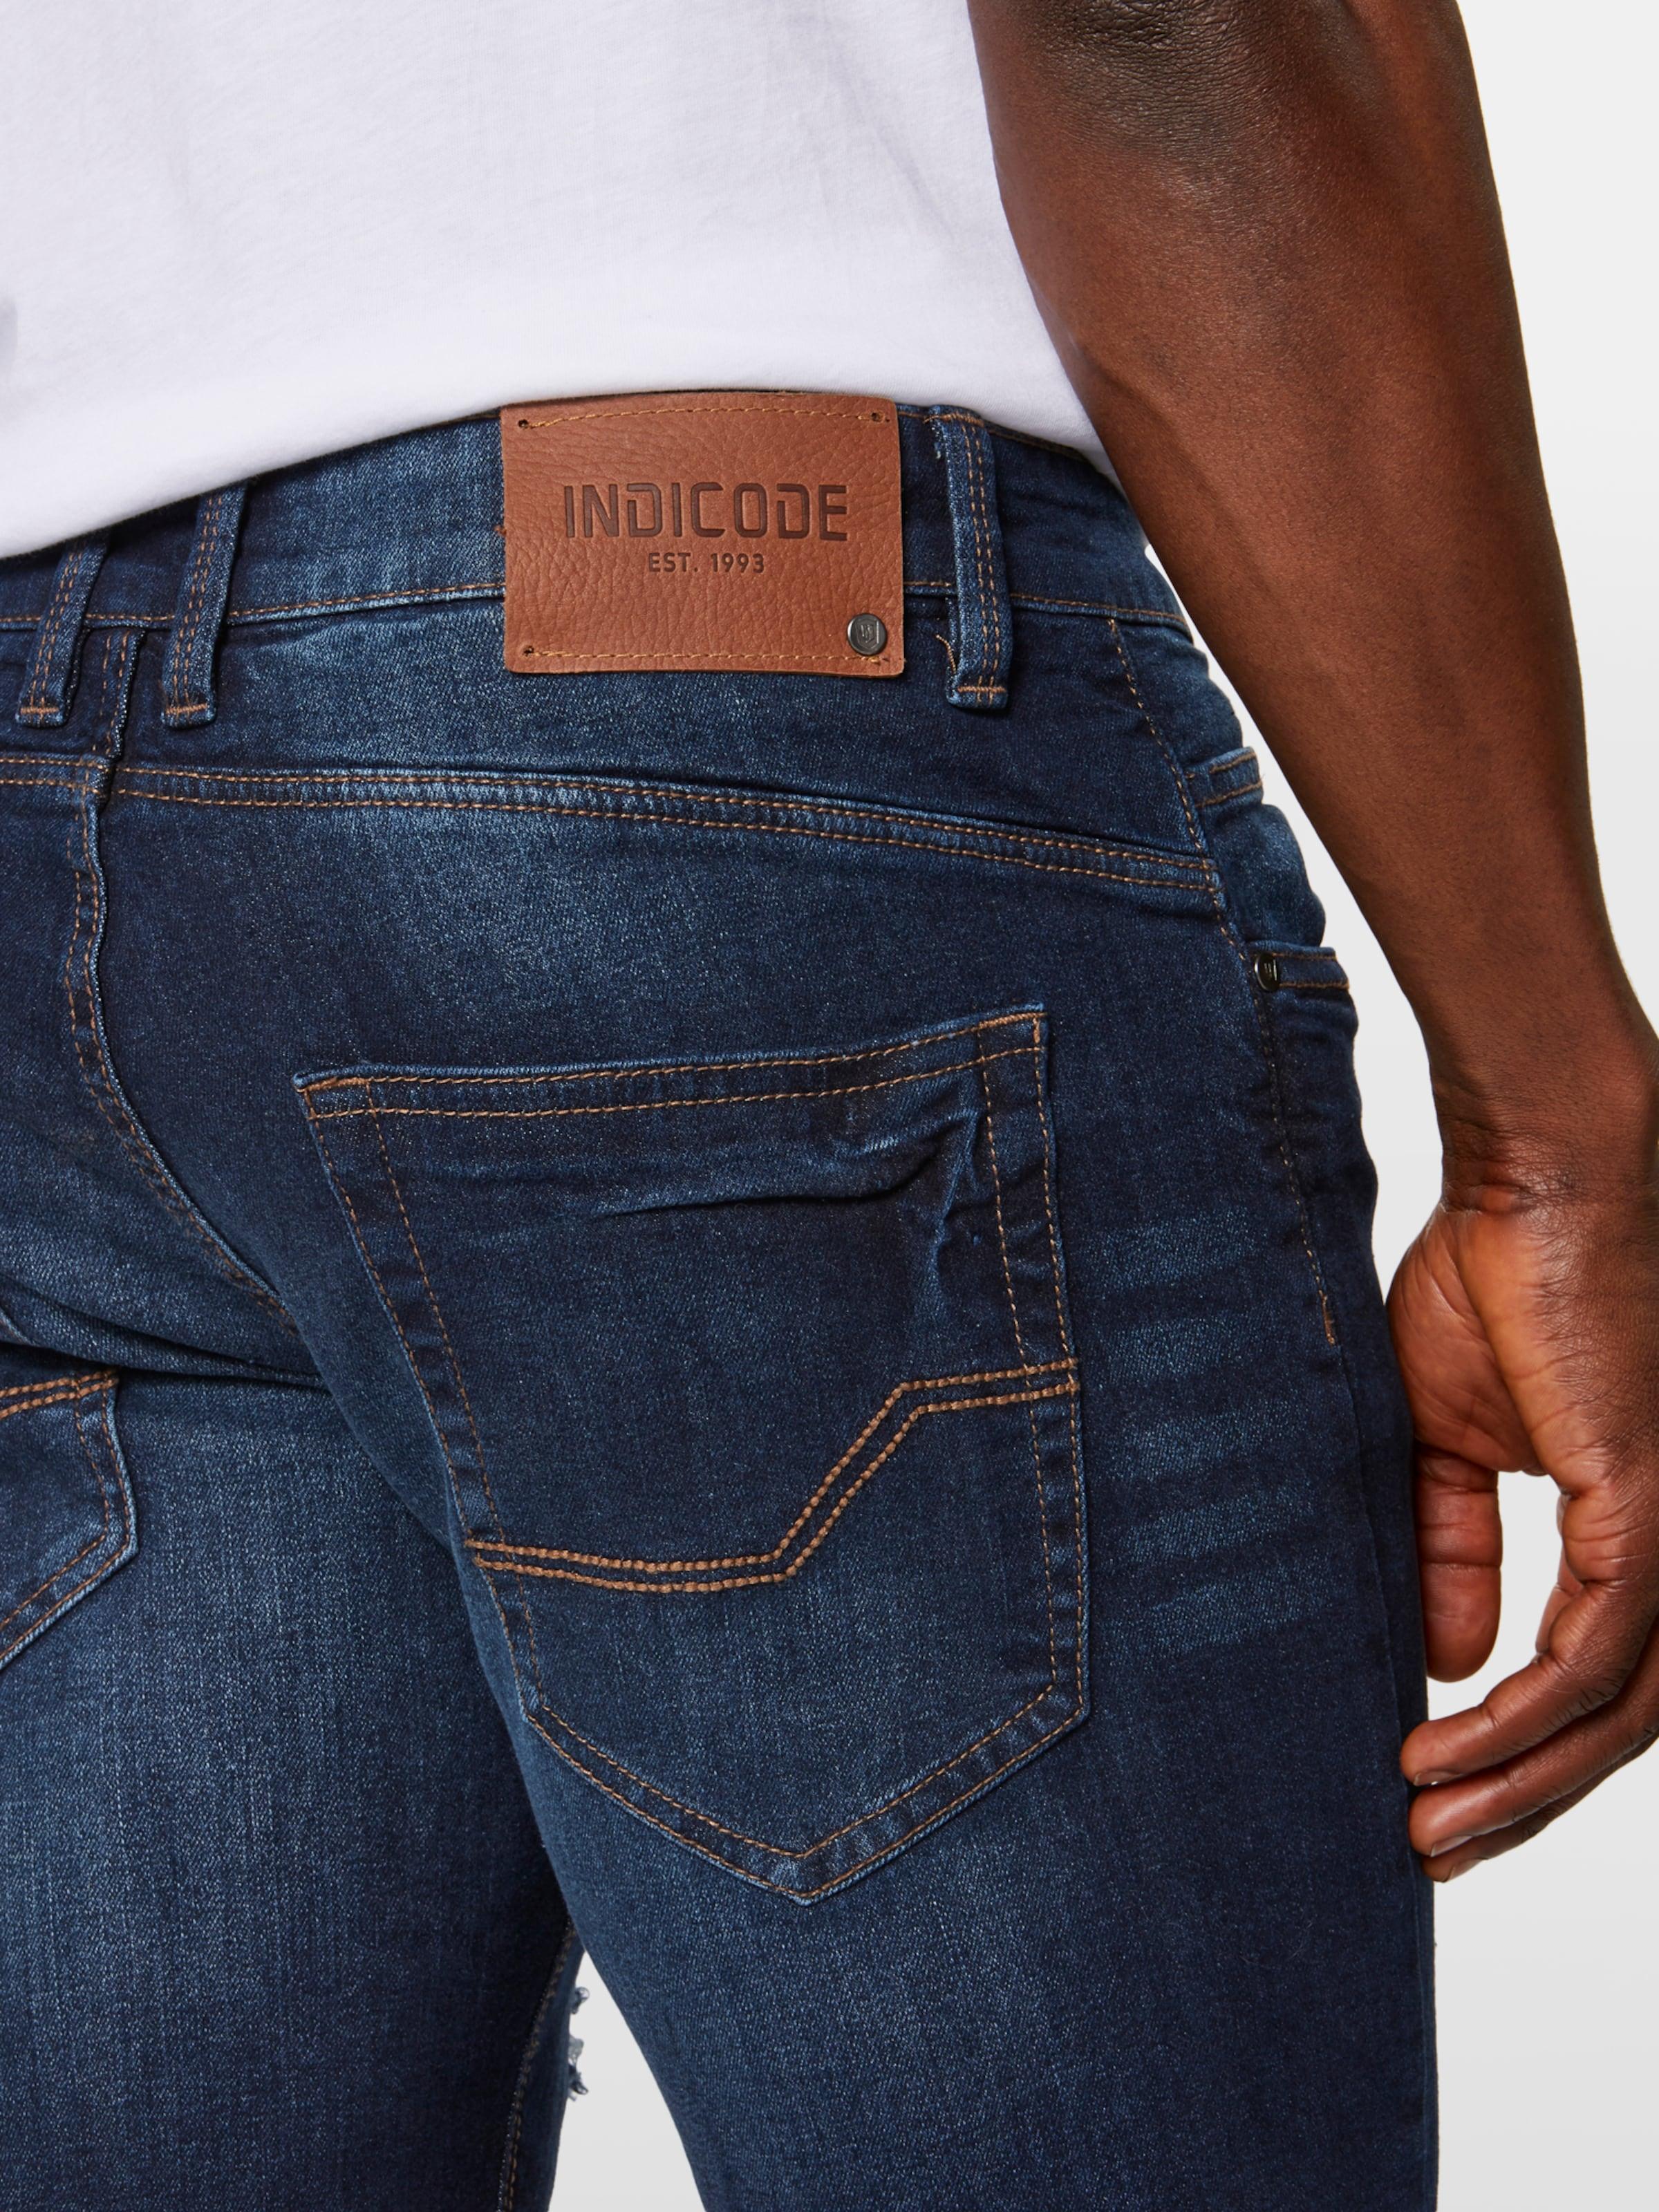 En Bleu Denim Jean Indicode 'kaden Holes' Jeans OPlwkiTuXZ